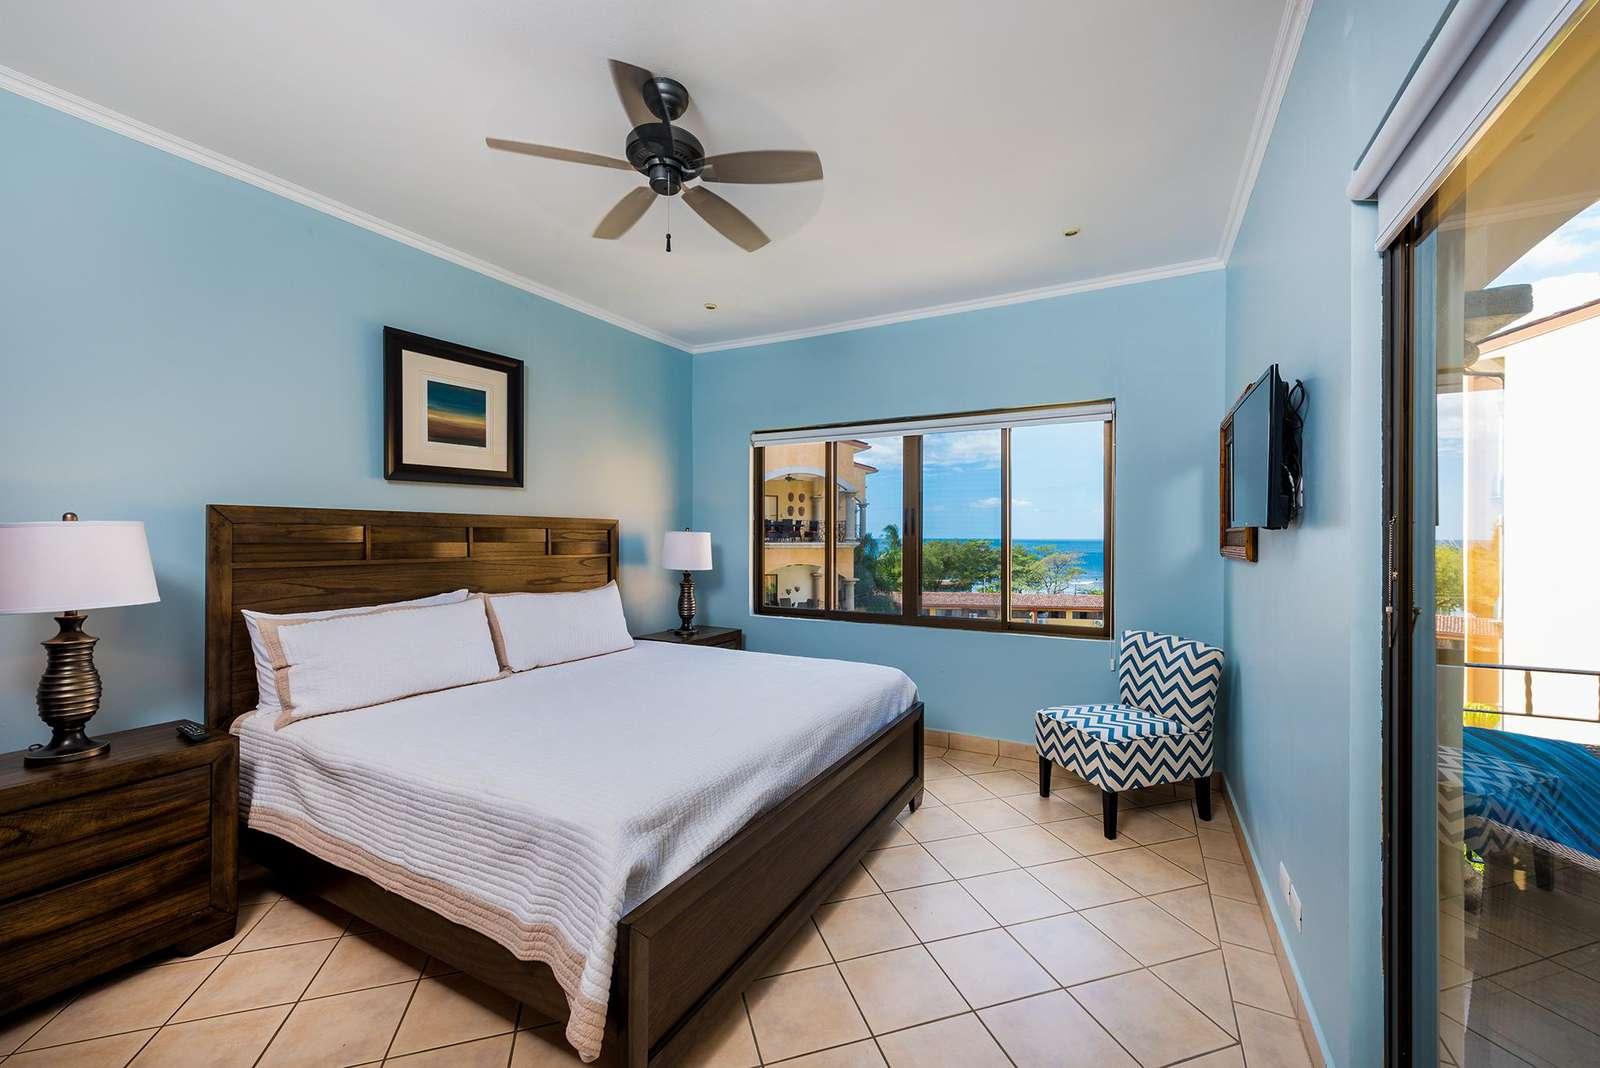 Master Bedroom, king bed, ocean views